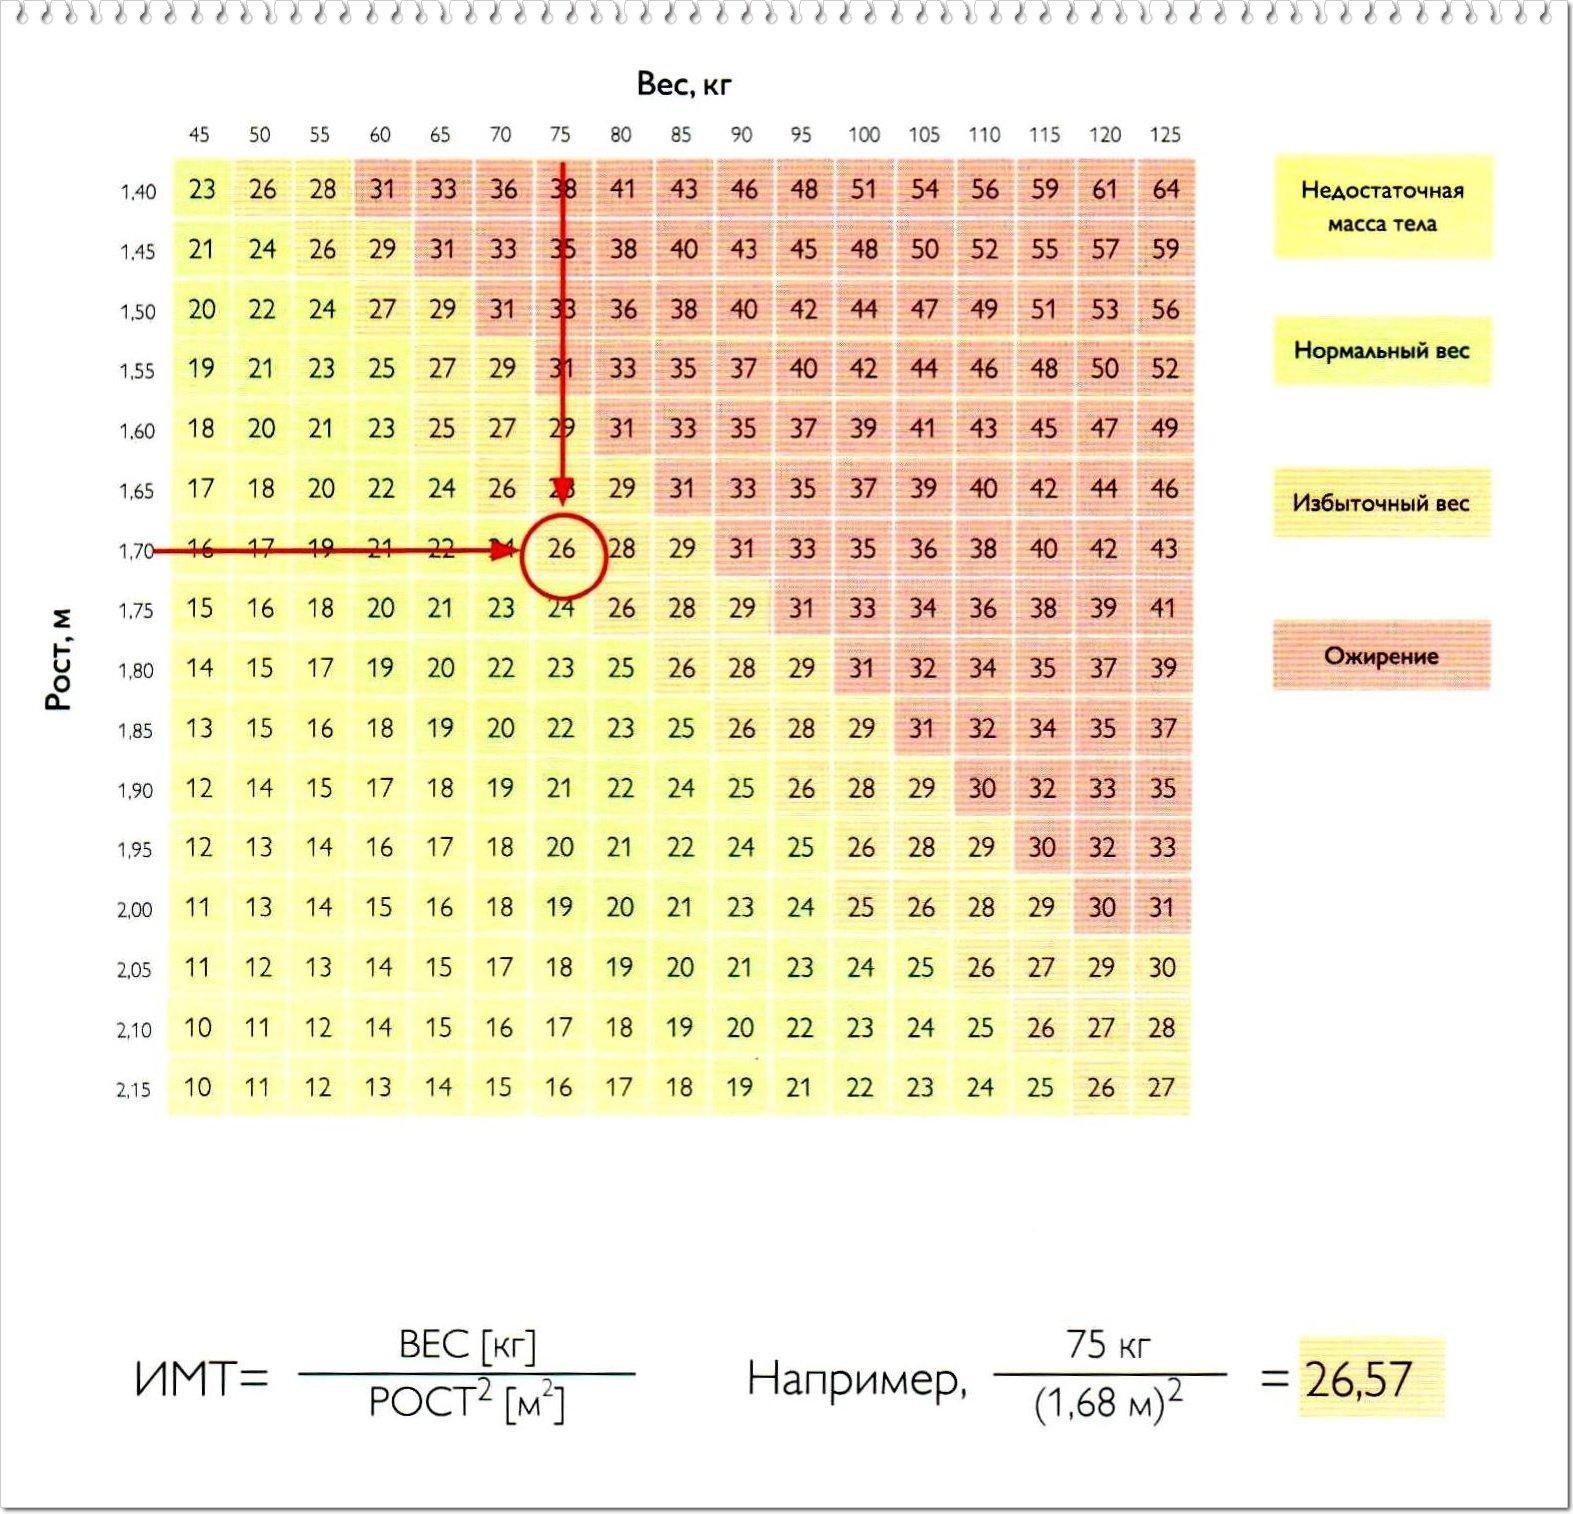 Индекс массы тела и степень ожирения